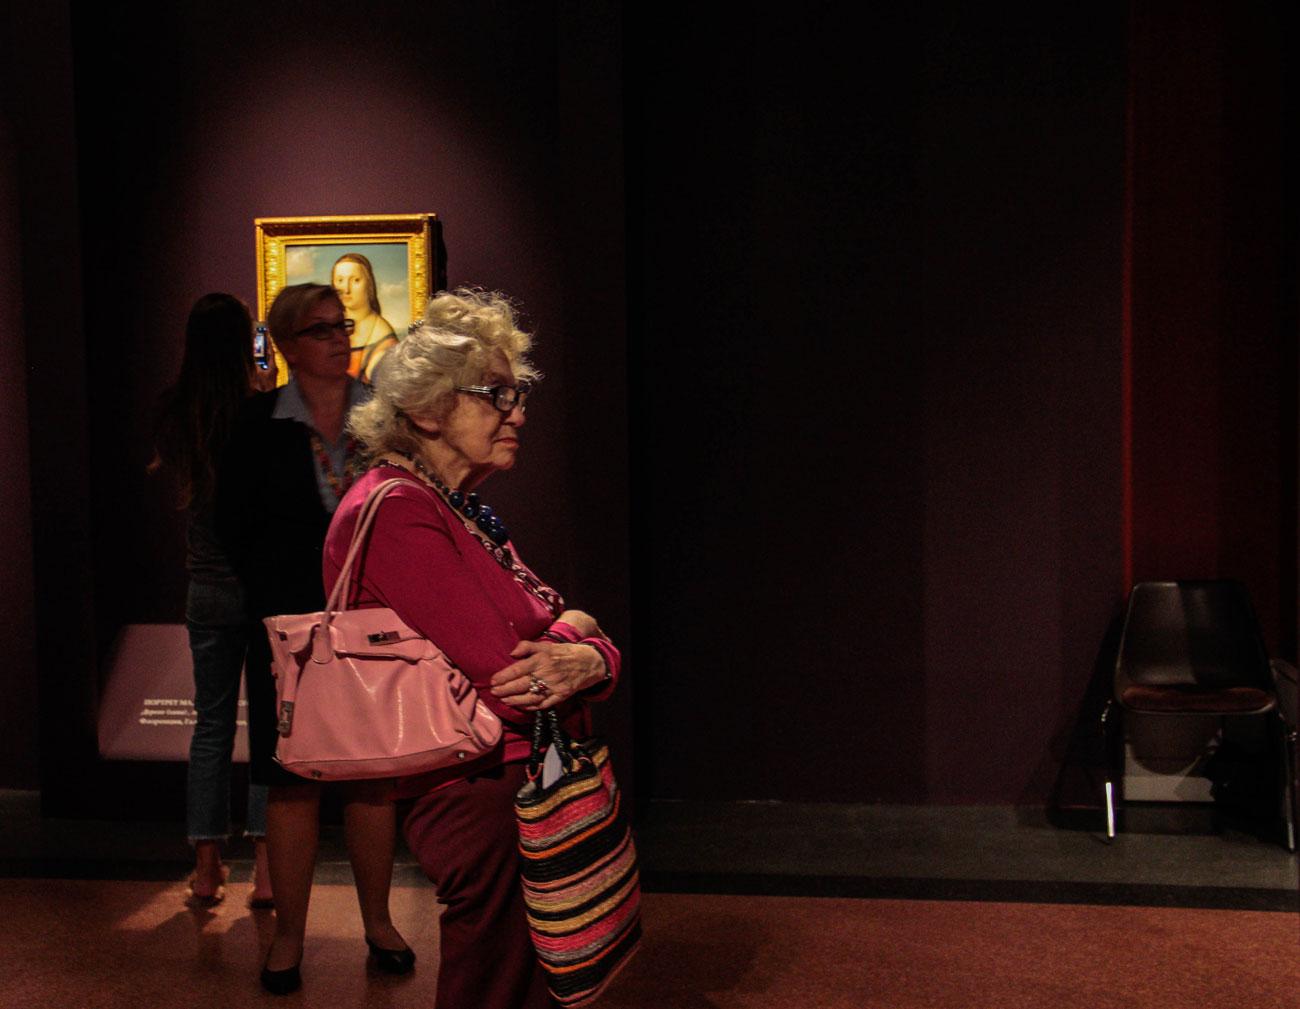 La mostra è solo uno dei tanti eventi italiani che caratterizzano l'autunno moscovita. A settembre infatti ci sarà anche la torunée della Scala al Teatro Bolshoj (10-16 settembre)